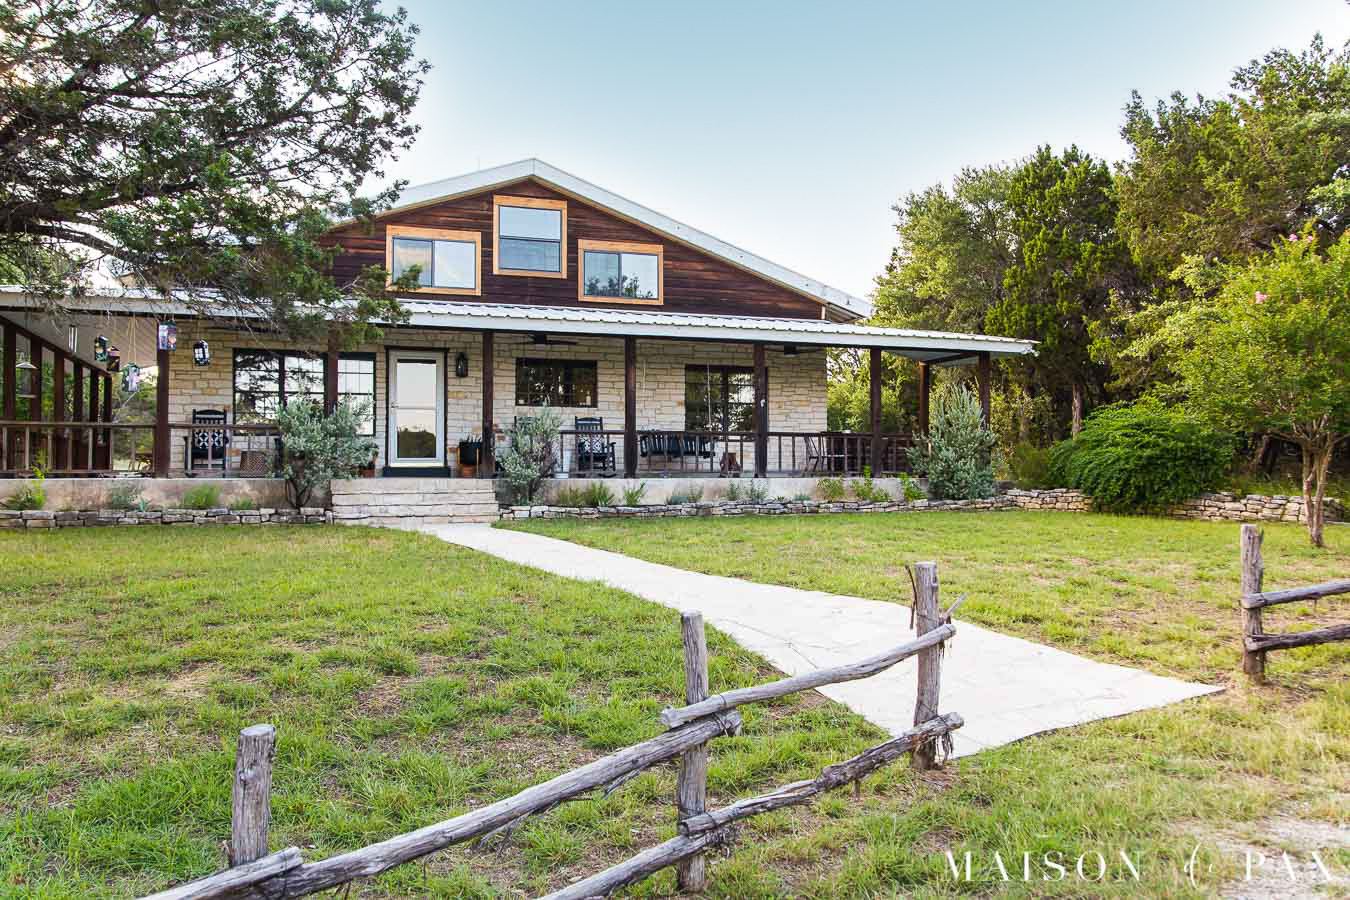 farmhouse porch with cedar railing and porch fans | Maison de Pax